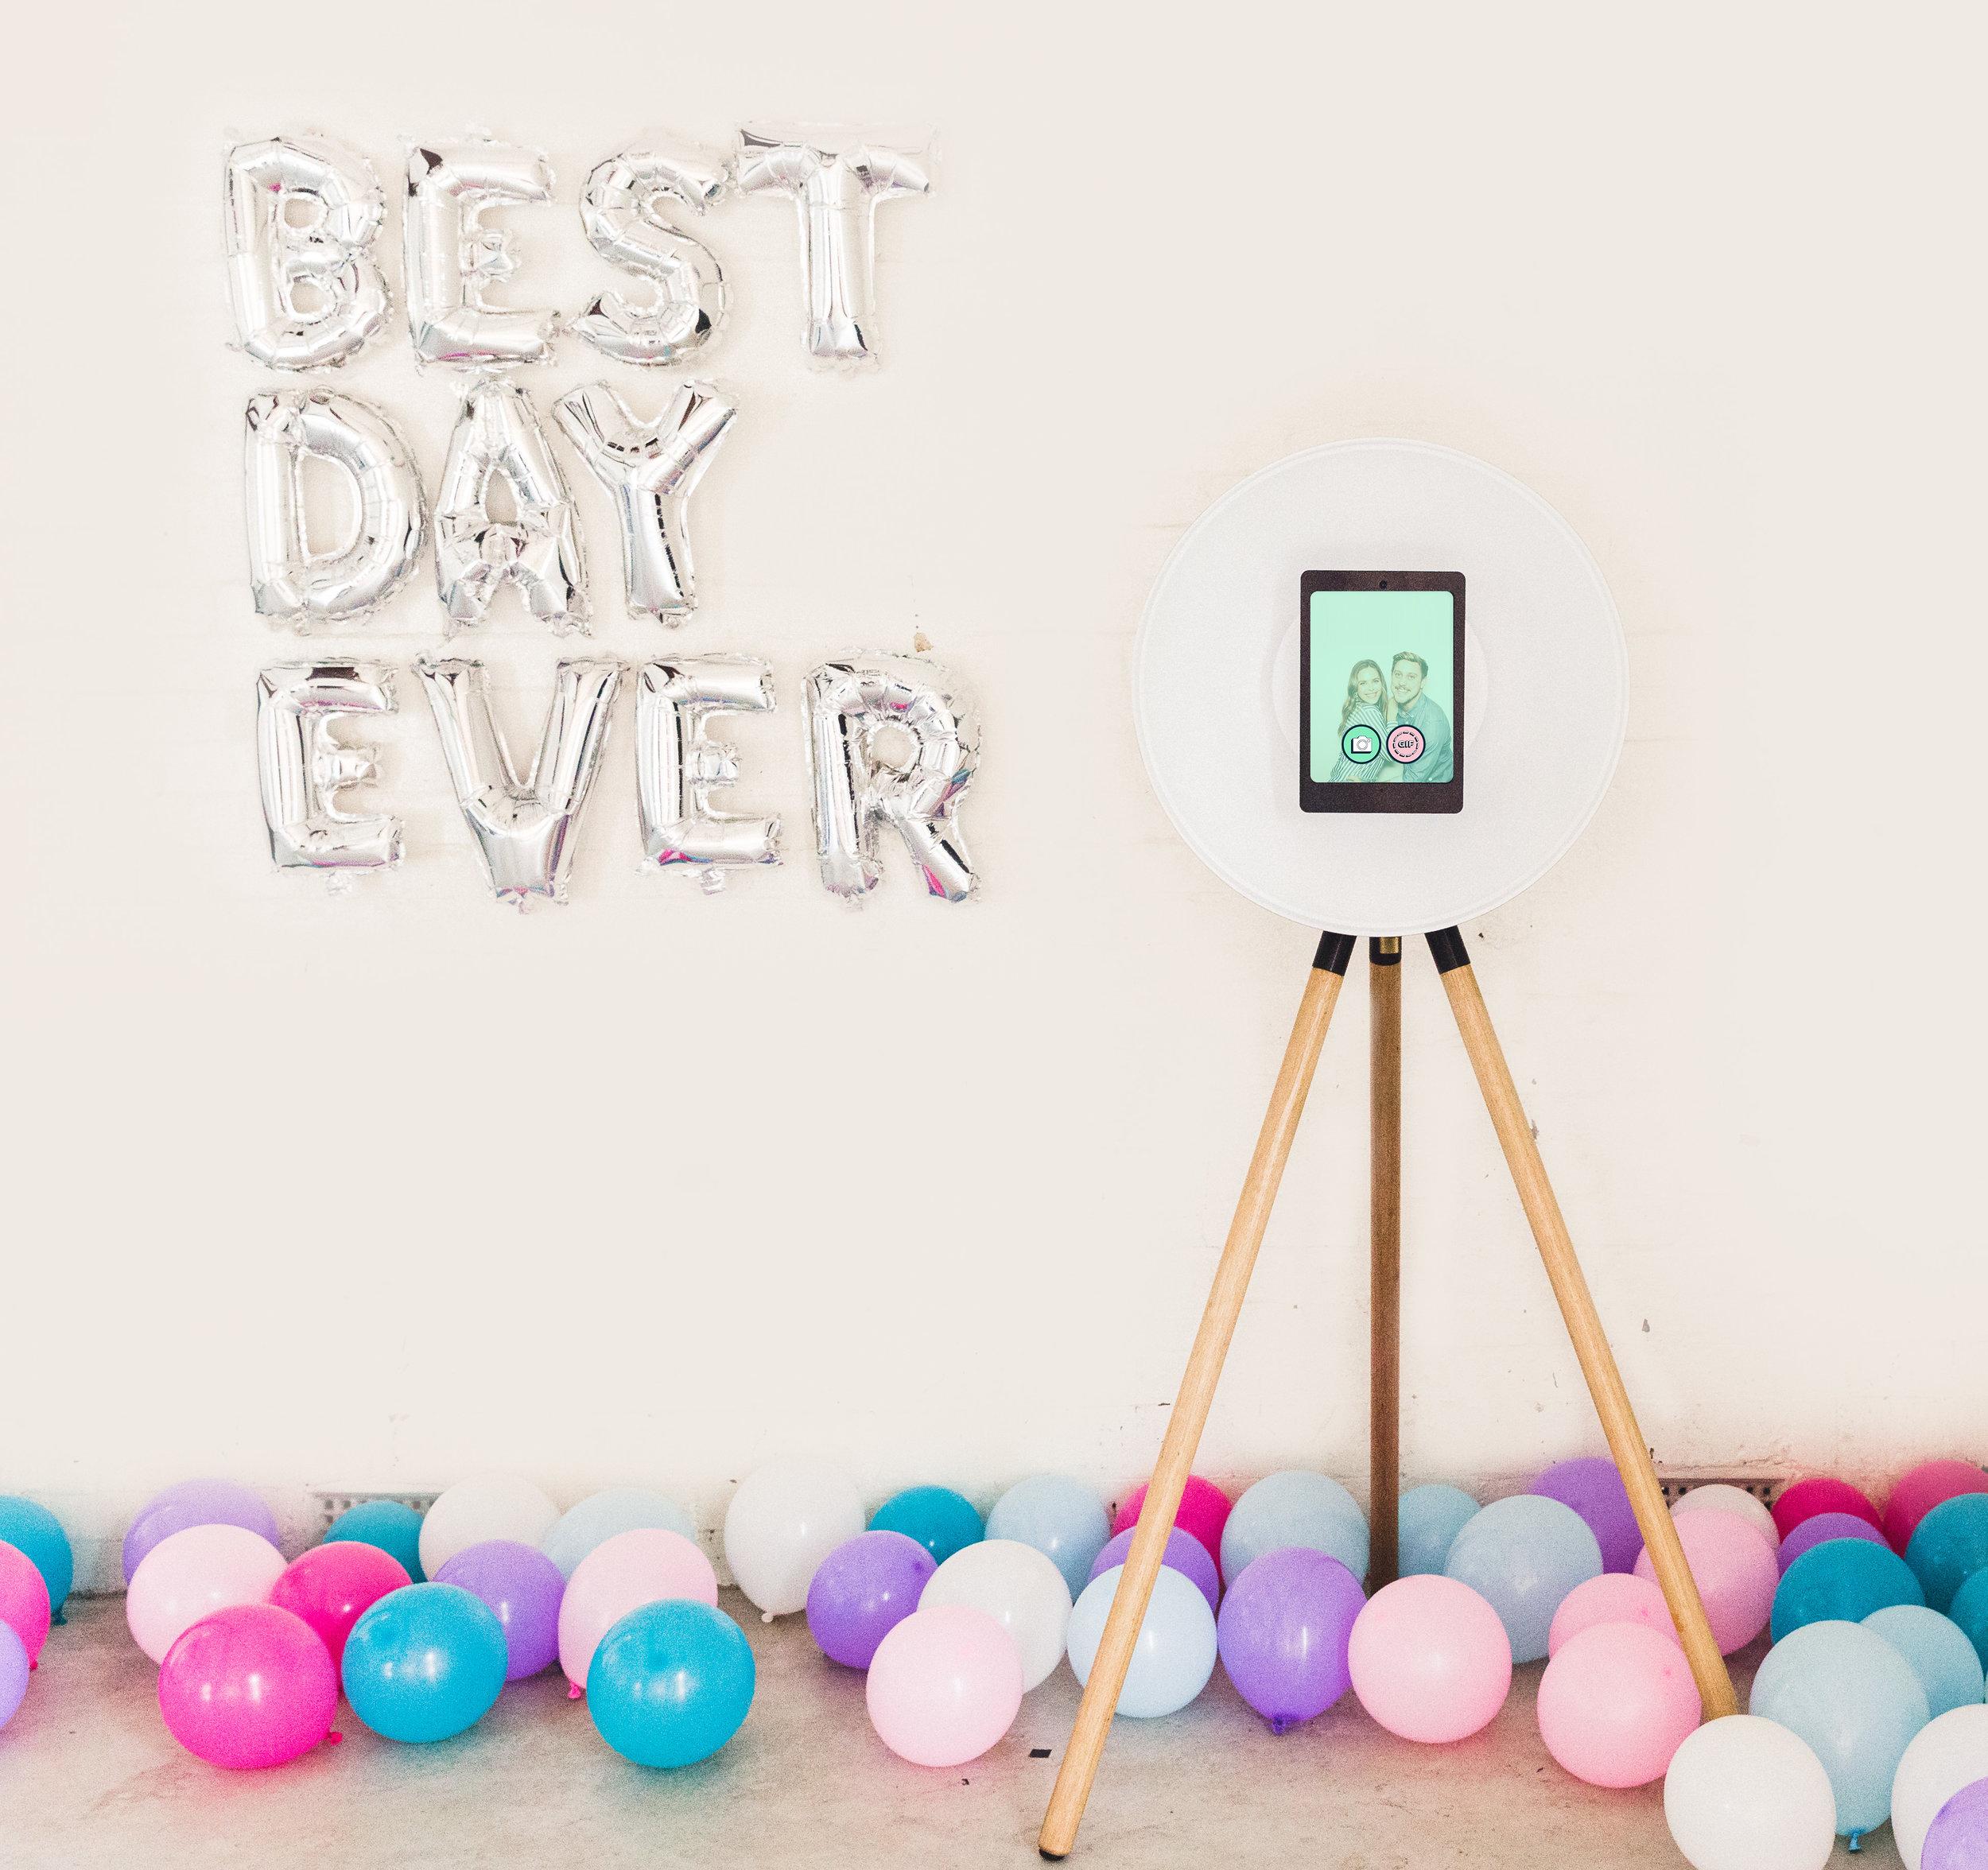 Zip-Junuor-Best-Day-Ever (2).jpg